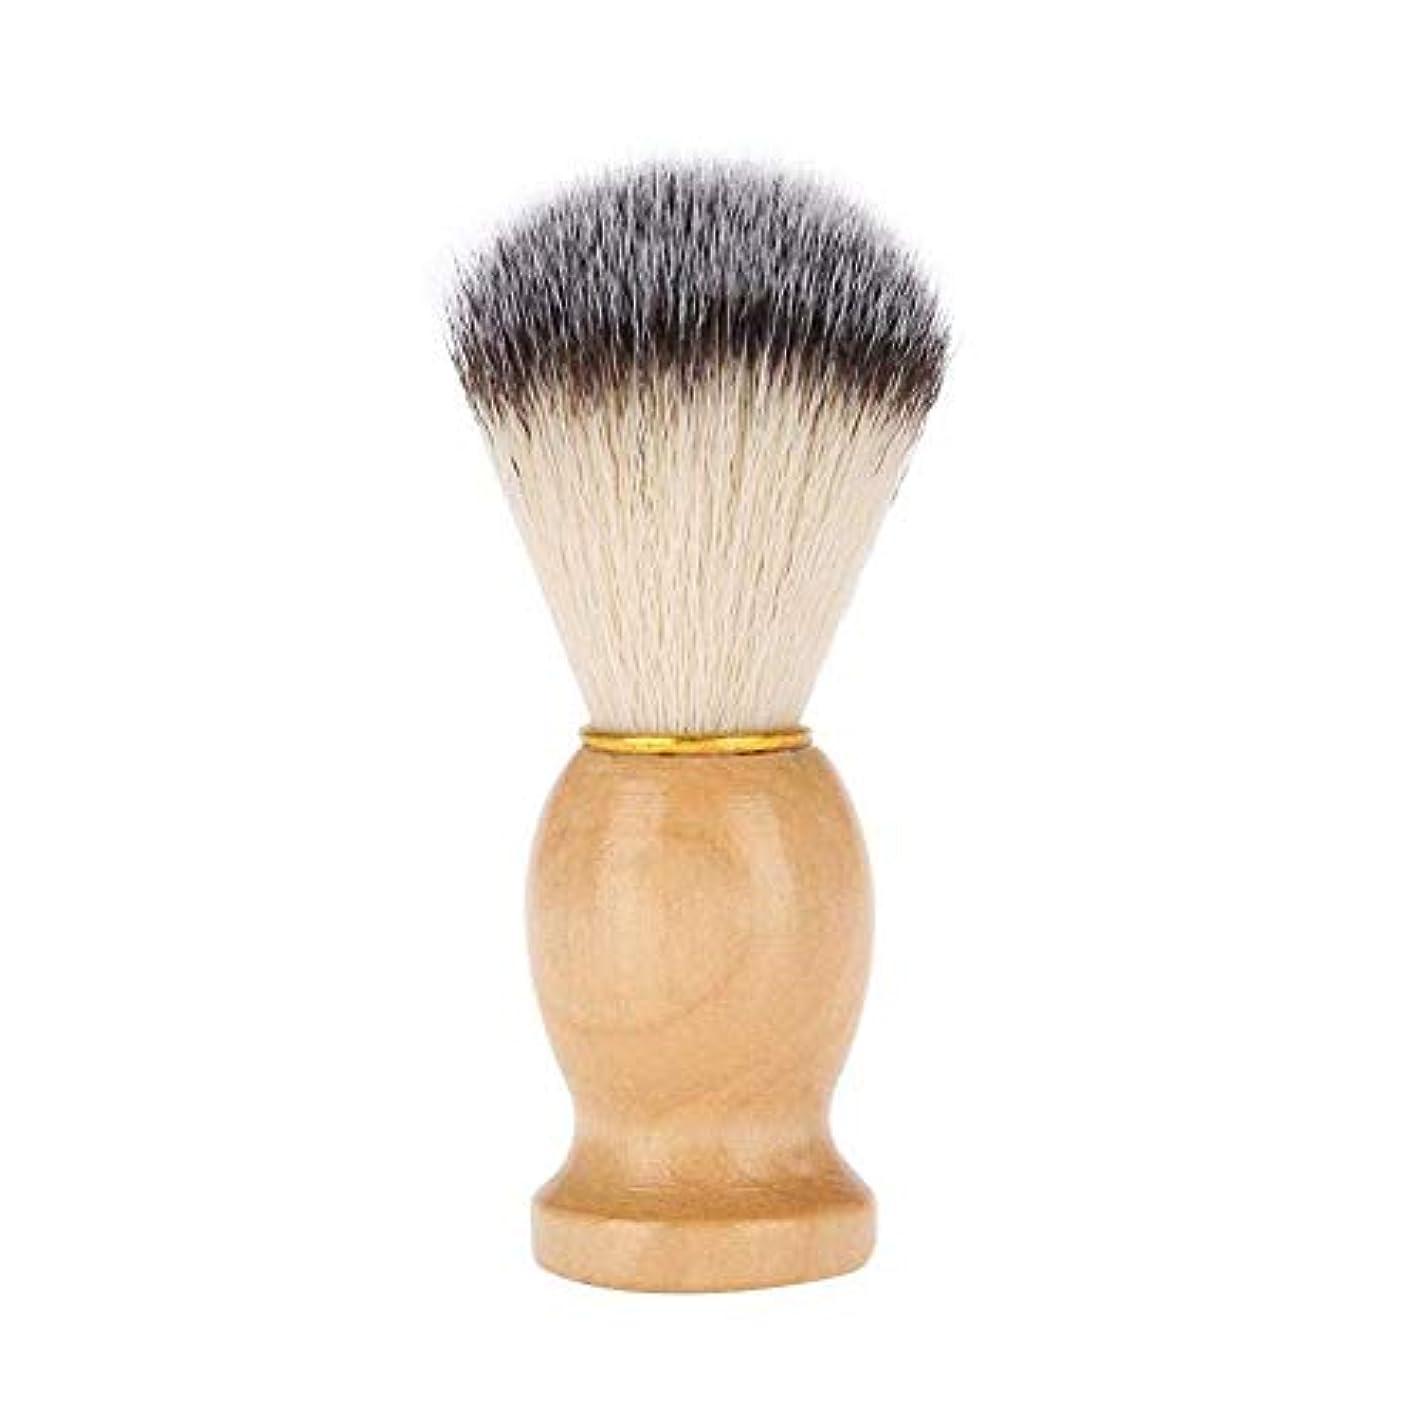 ニュース四半期押し下げる毛髭ブラシと木製コ バガーヘア げブラシメンズシェービングブラシ シェービングブラシ